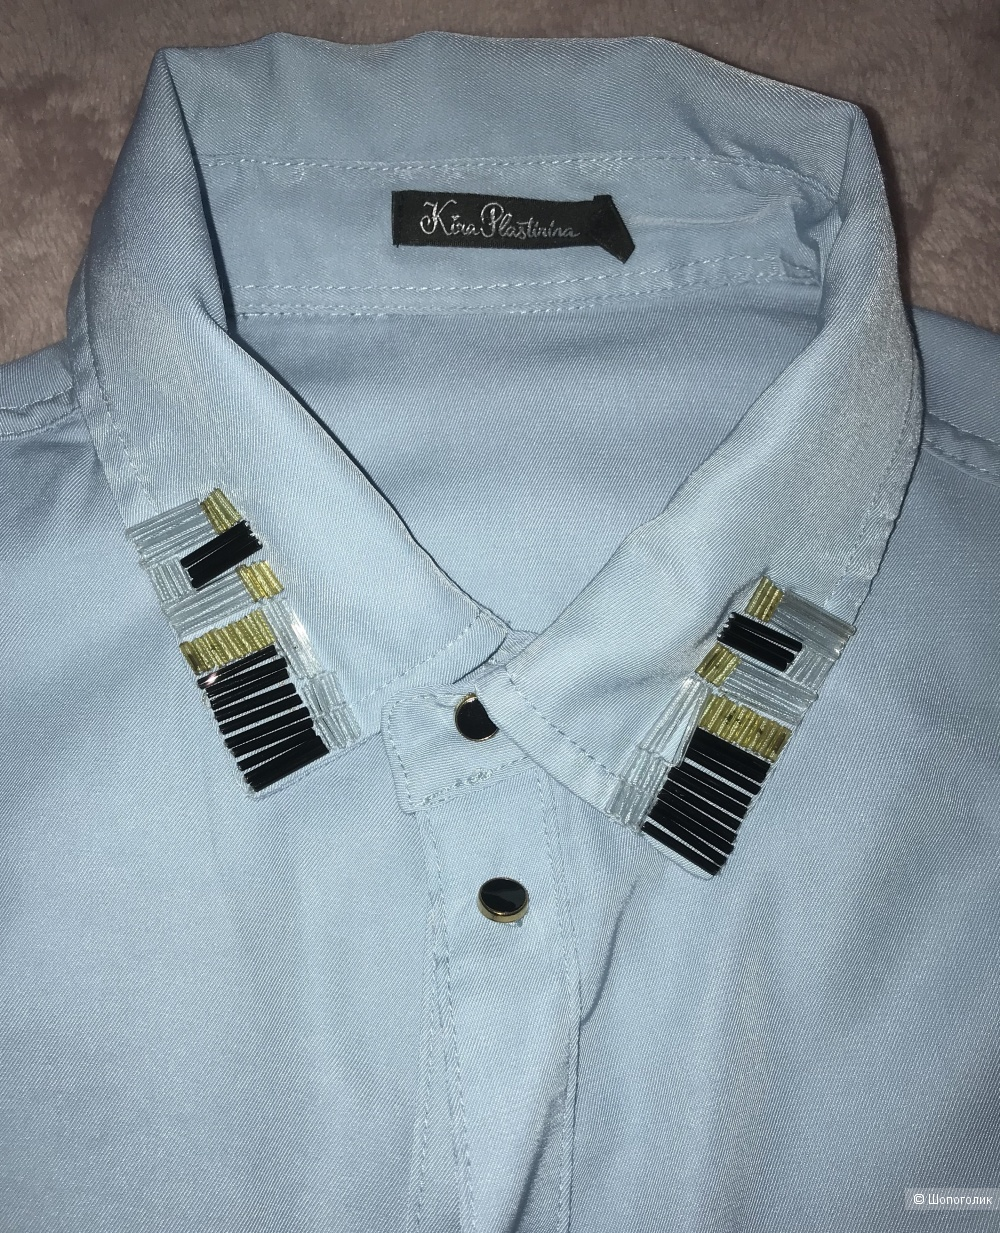 Рубашка Kira Plastinina, размер S